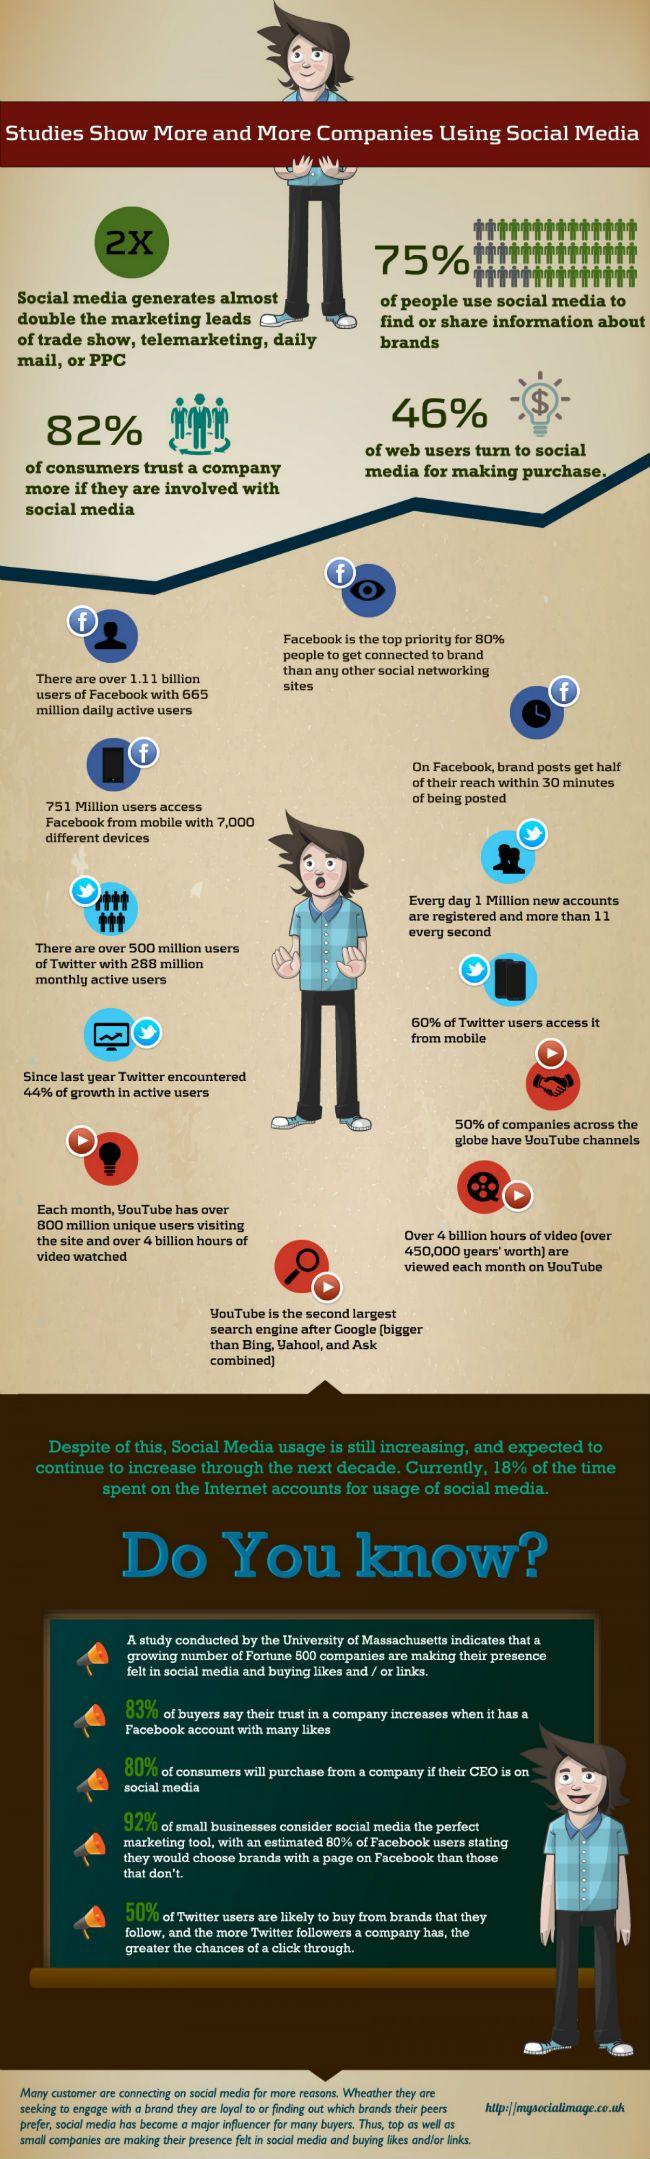 Statistiques sur les médias sociaux -  http://propulzr.com/wp-content/uploads/2013/11/medias_sociaux_chiffres_clefs_20131.jpg